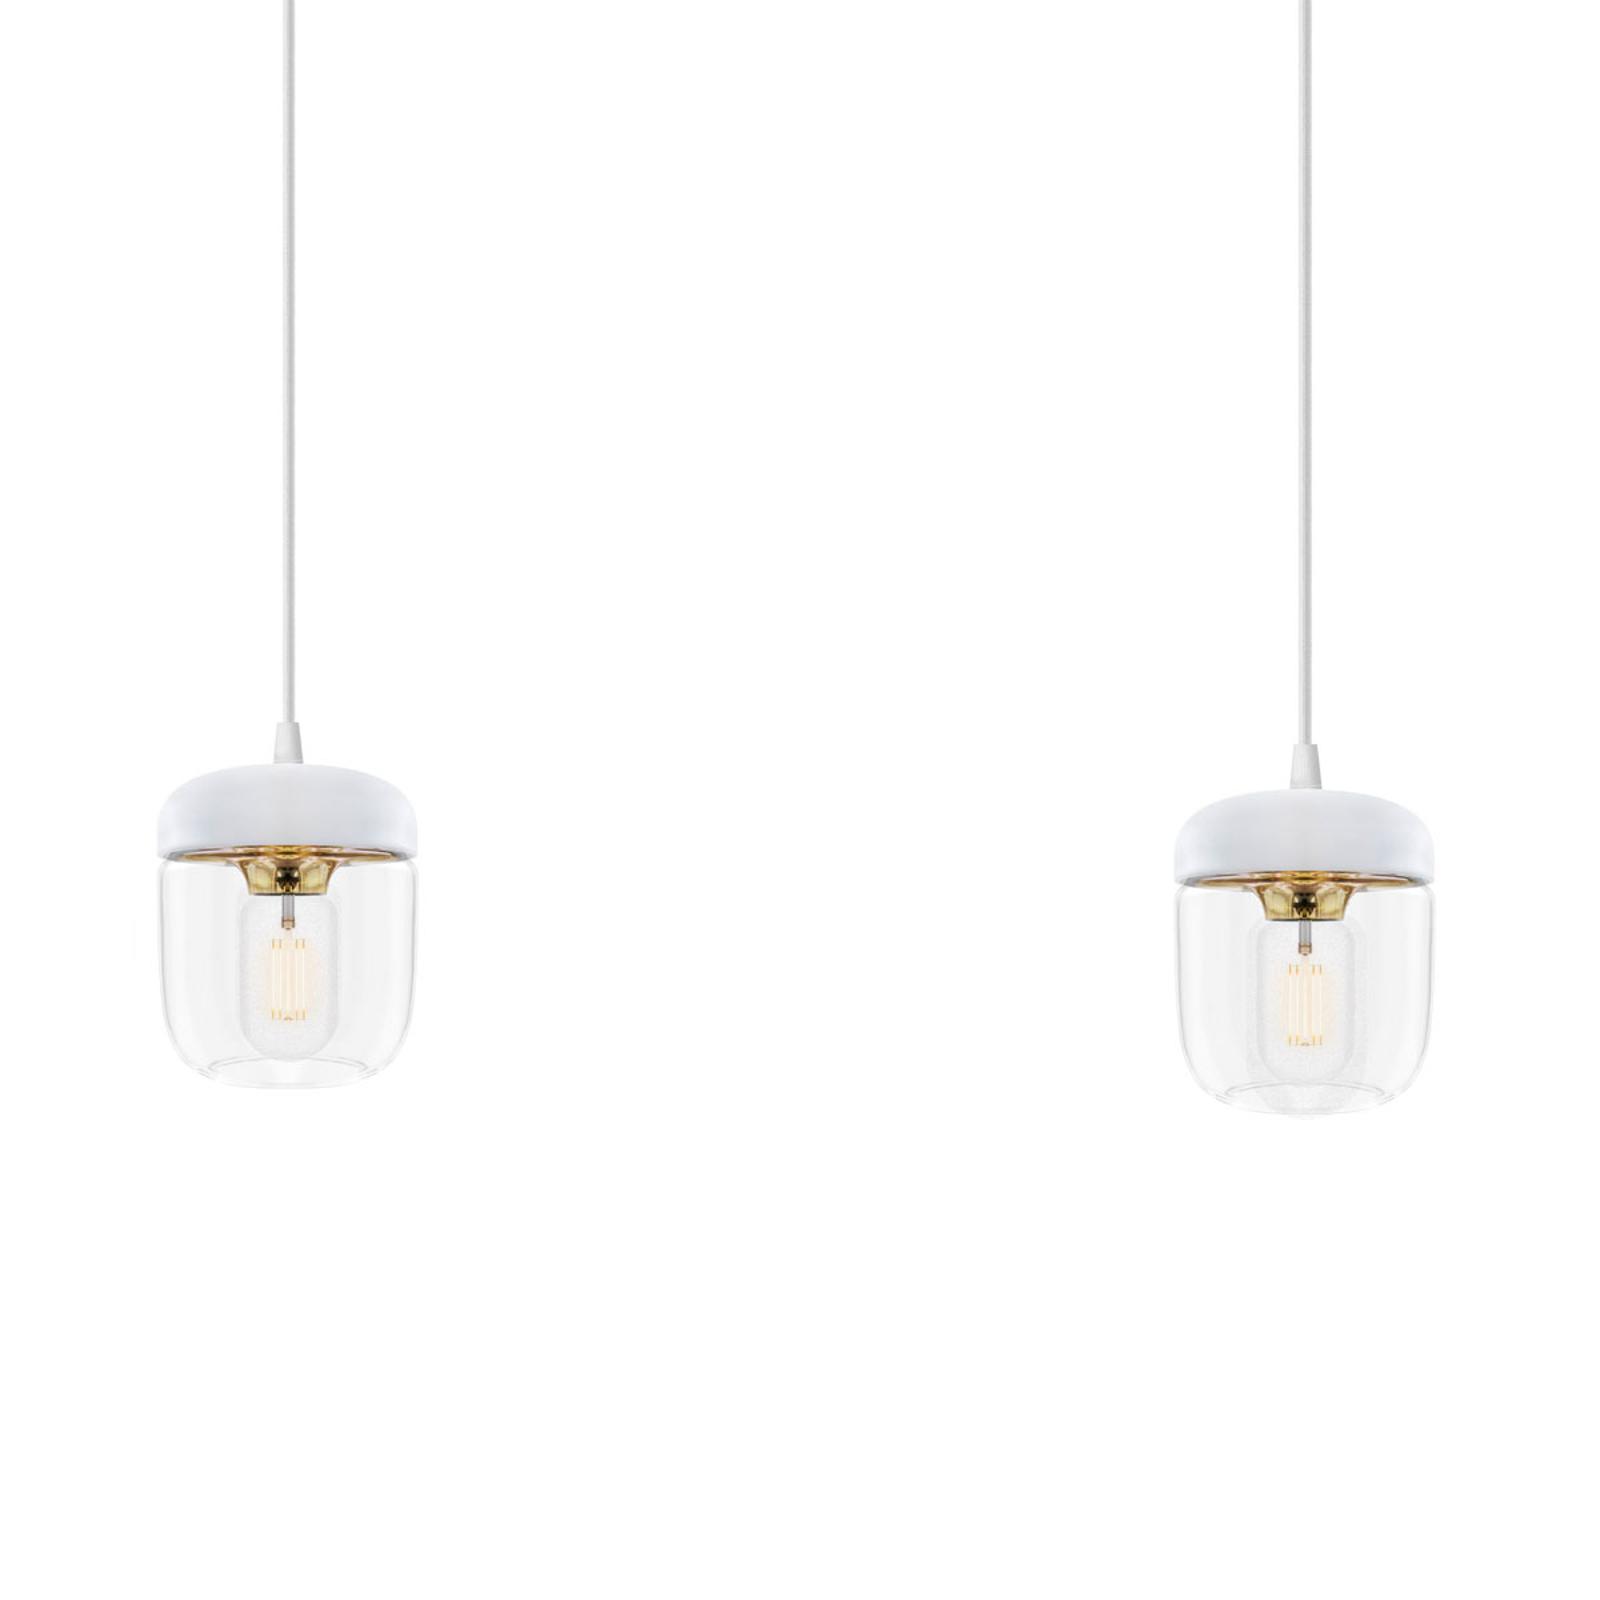 Lampa wisząca Acorn, 2-punktowa, biel i mosiądz